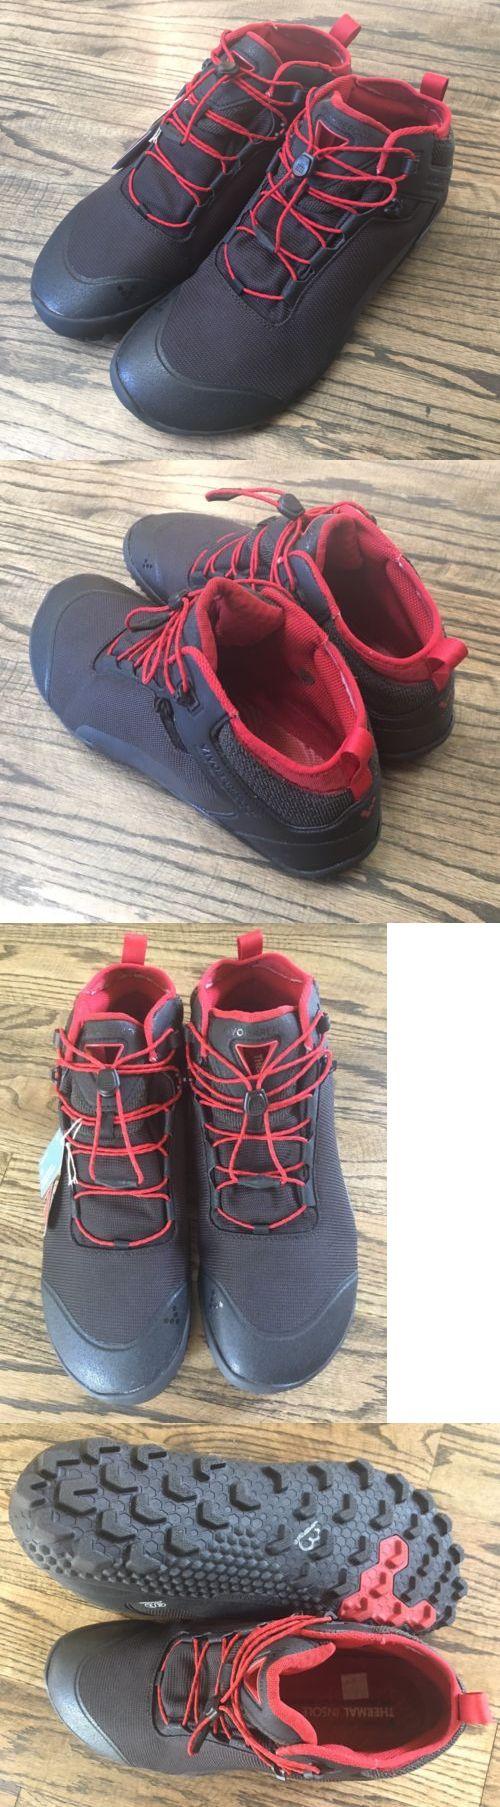 Mens 181392: Vivobarefoot Hiker Sg M Men S Mesh Walking Shoe Black (Us Mens 13, Eur 47M) New! -> BUY IT NOW ONLY: $159.99 on eBay!